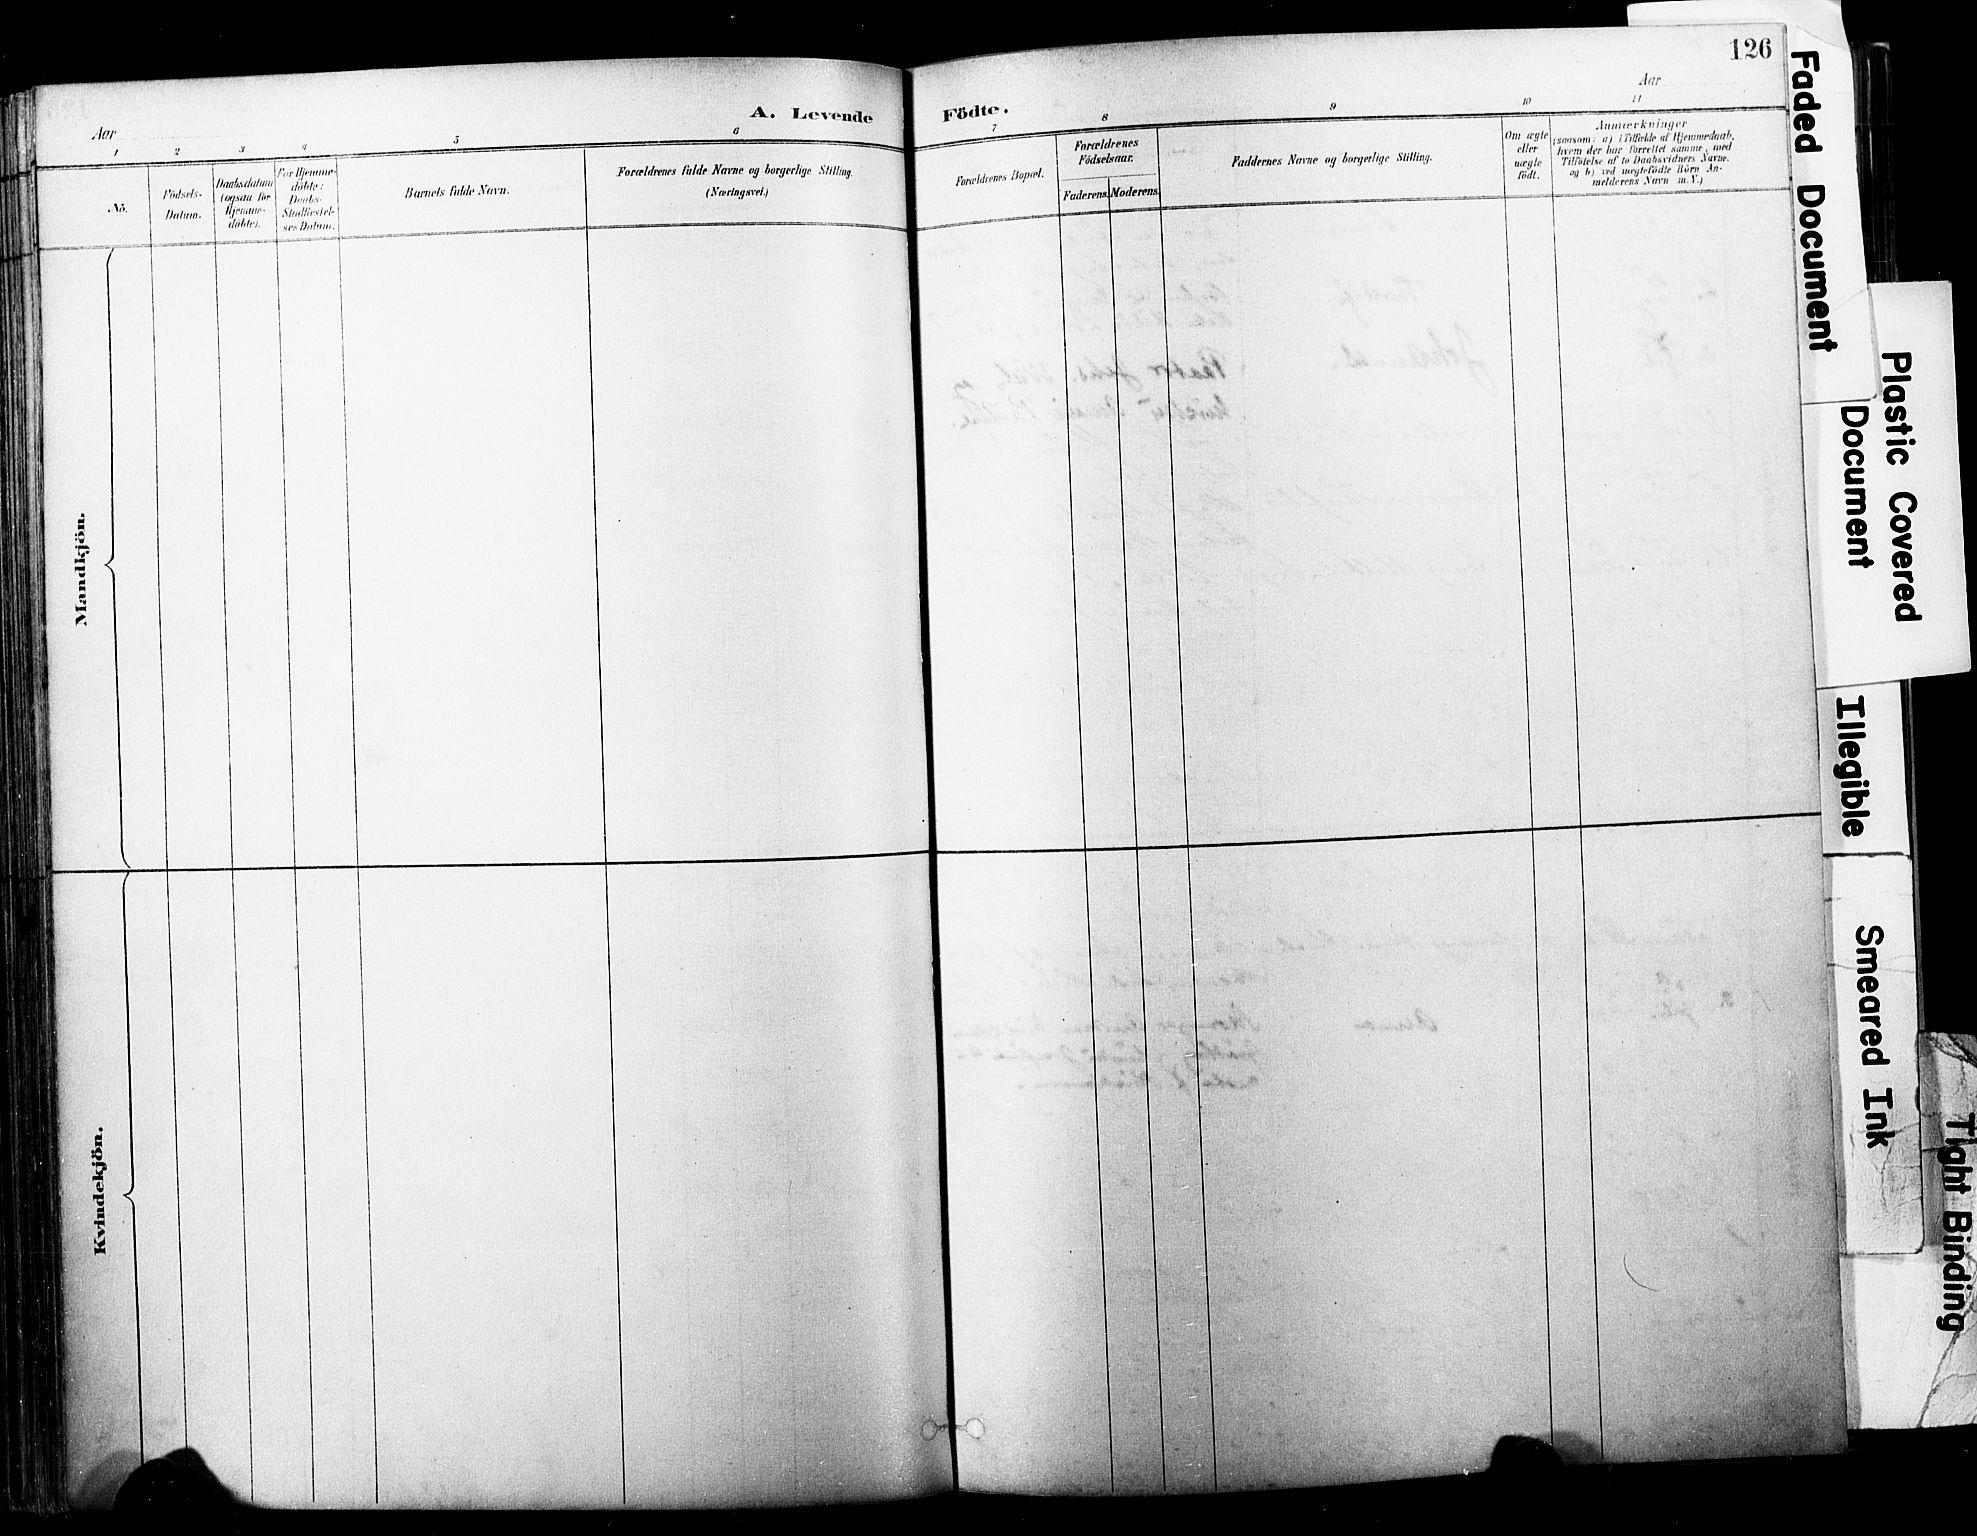 SAKO, Horten kirkebøker, F/Fa/L0004: Ministerialbok nr. 4, 1888-1895, s. 126